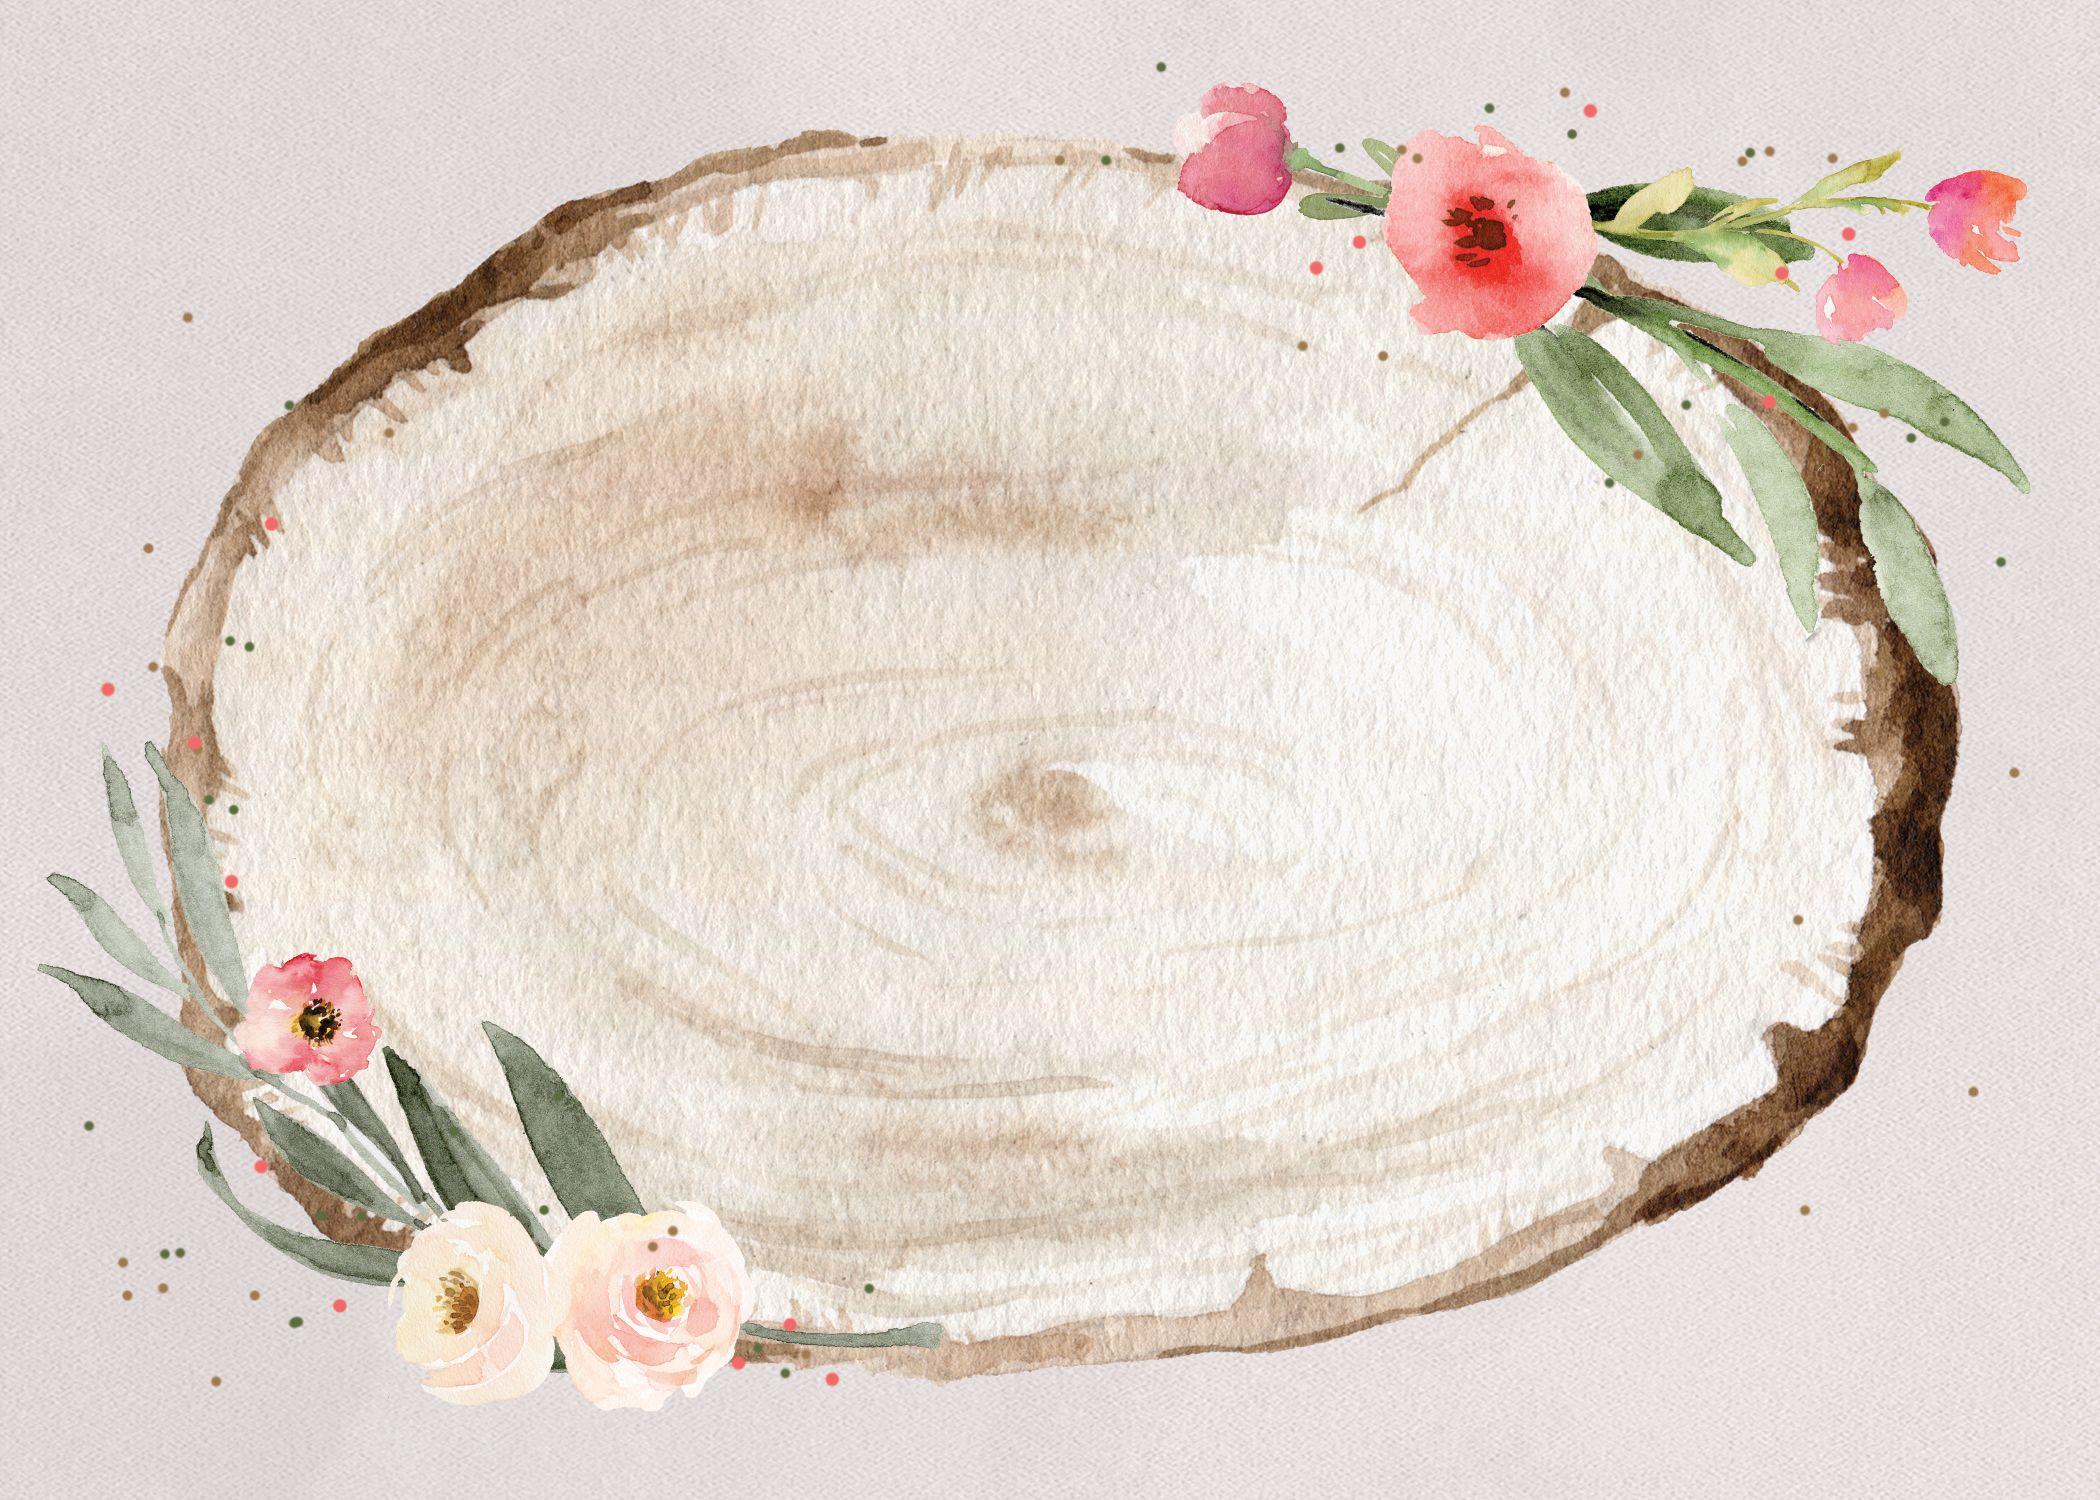 Floral Wood Slice Rsvp Card Template Free Greetings Island Floral Poster Flower Background Wallpaper Floral Logo Design